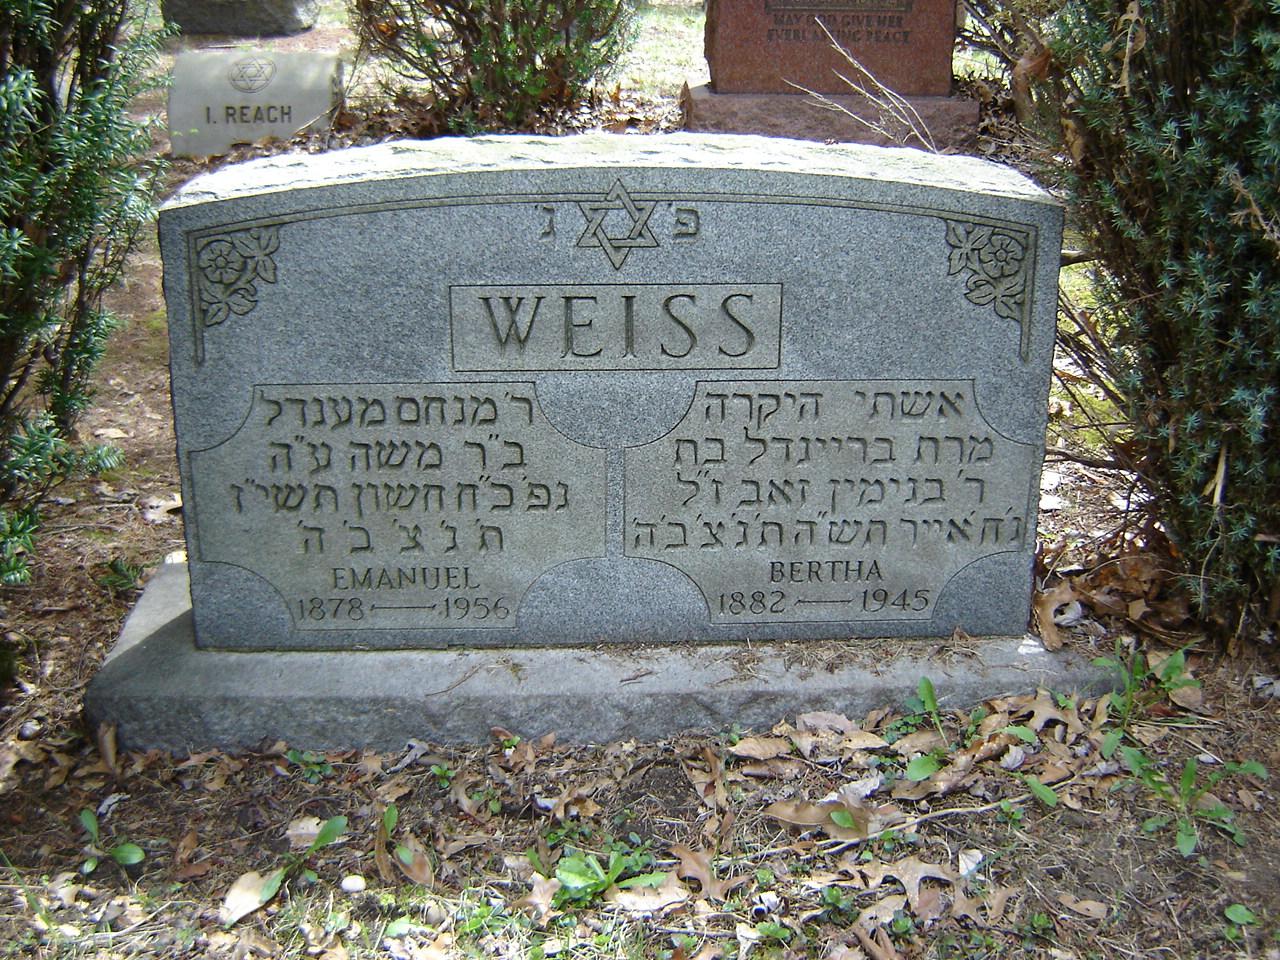 Emanuel Weiss